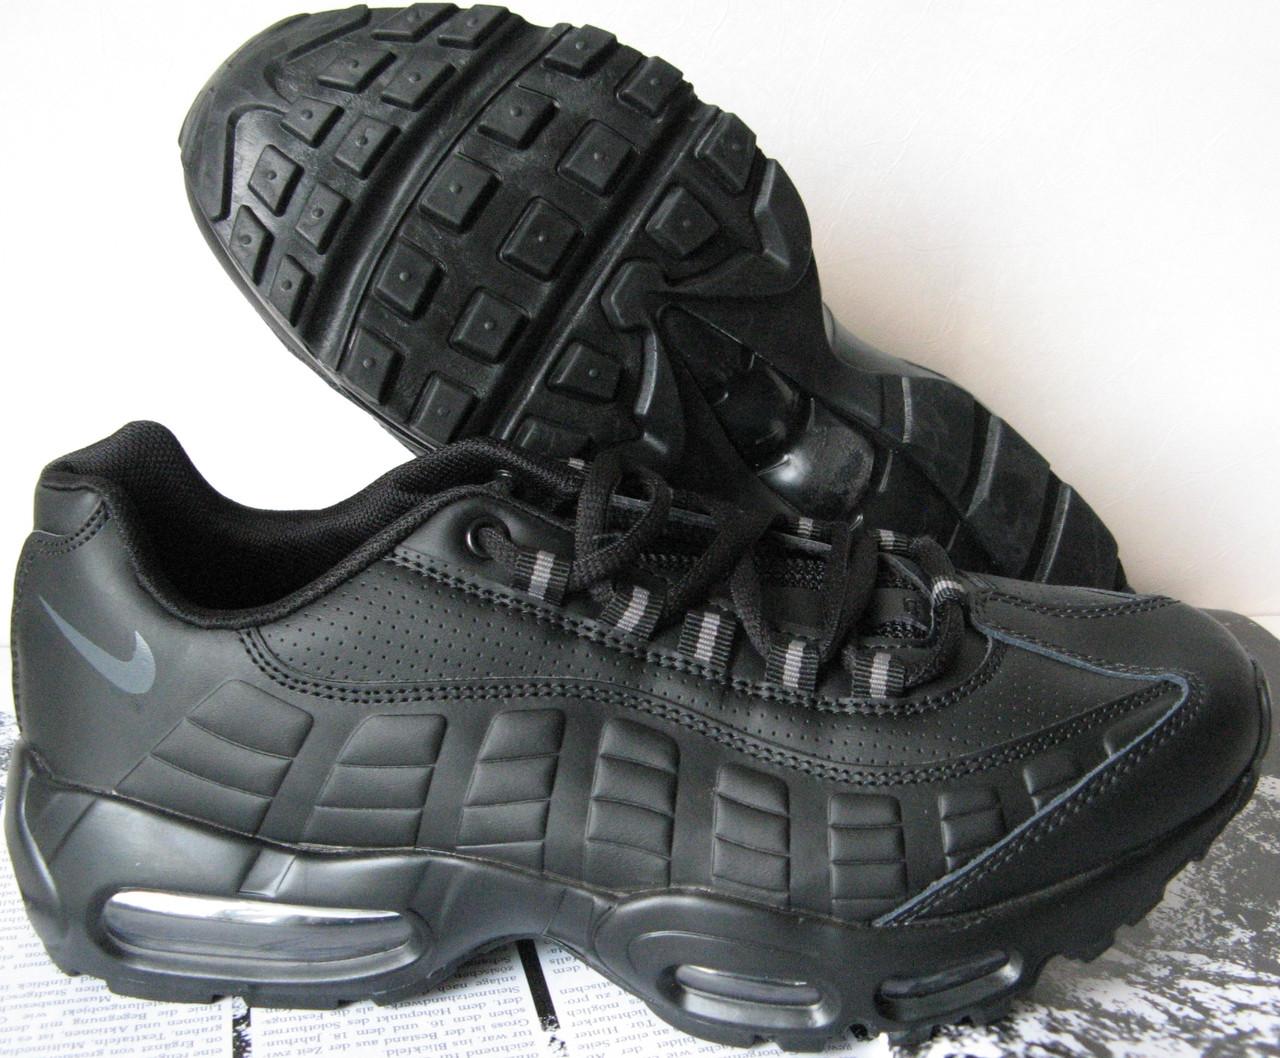 40c5dc3ba19d Легендарные ! Nike Air max 95! кроссовки аир макс мужские черные кросовки  унисекс ...